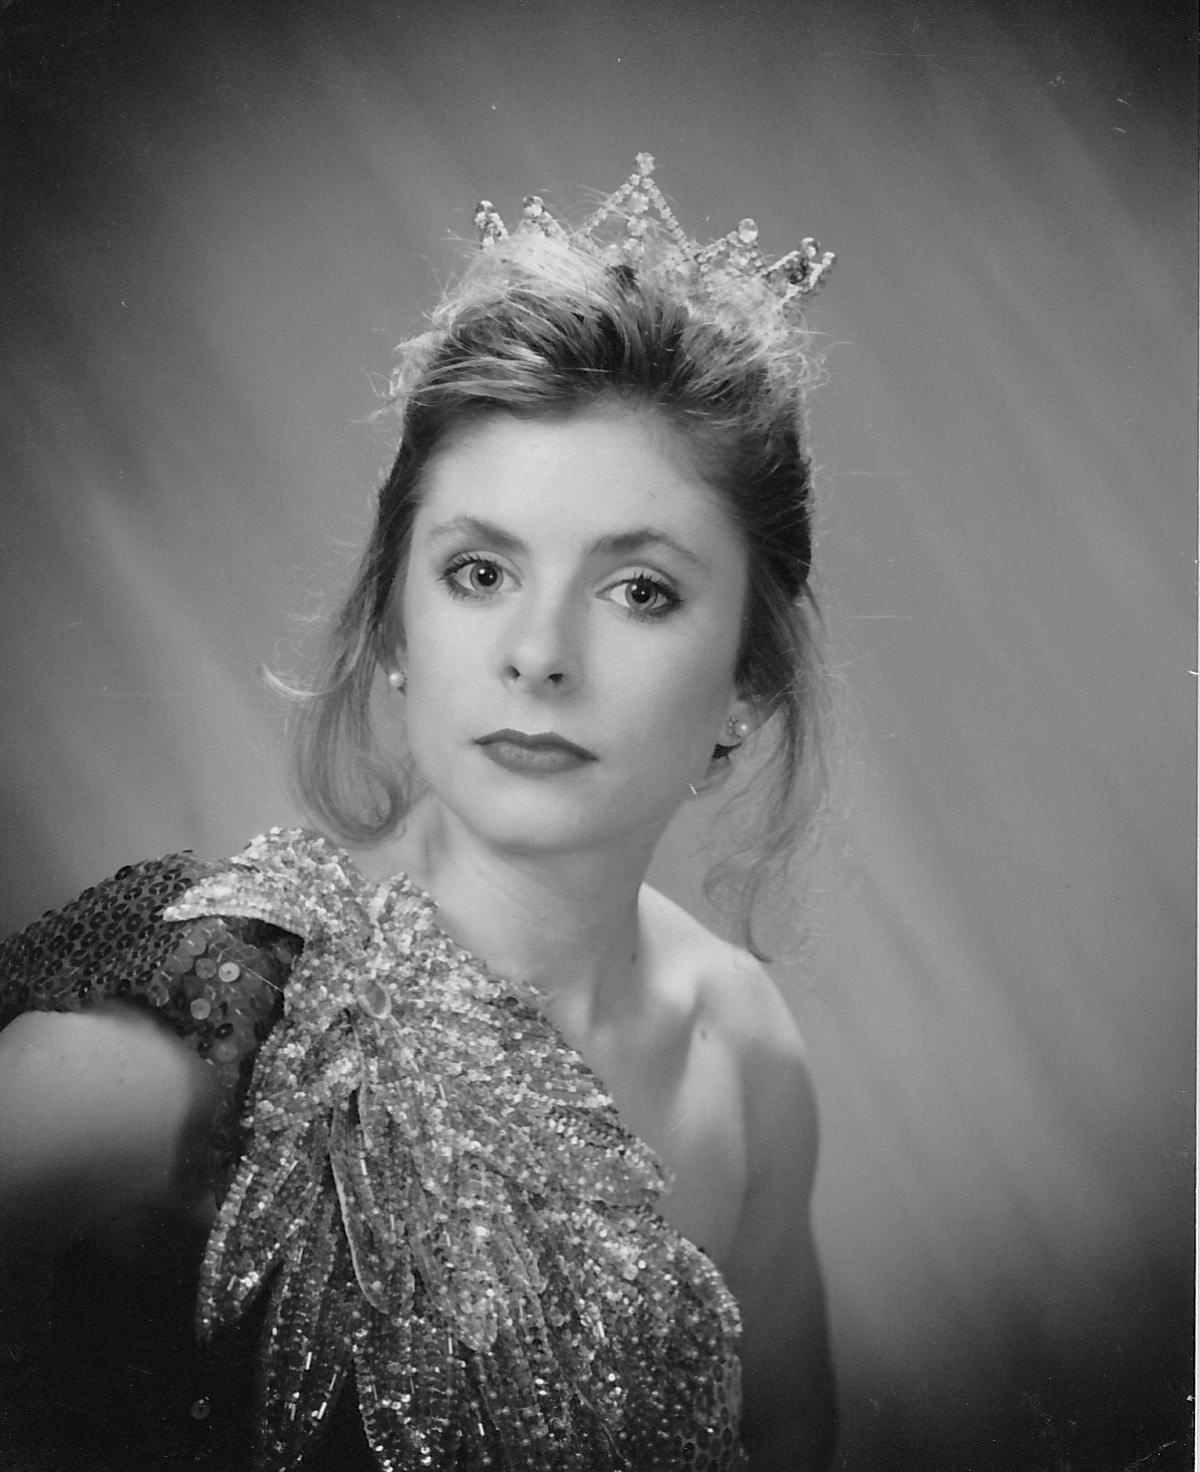 Kirista Gill Shehane - Miss Buna 1990